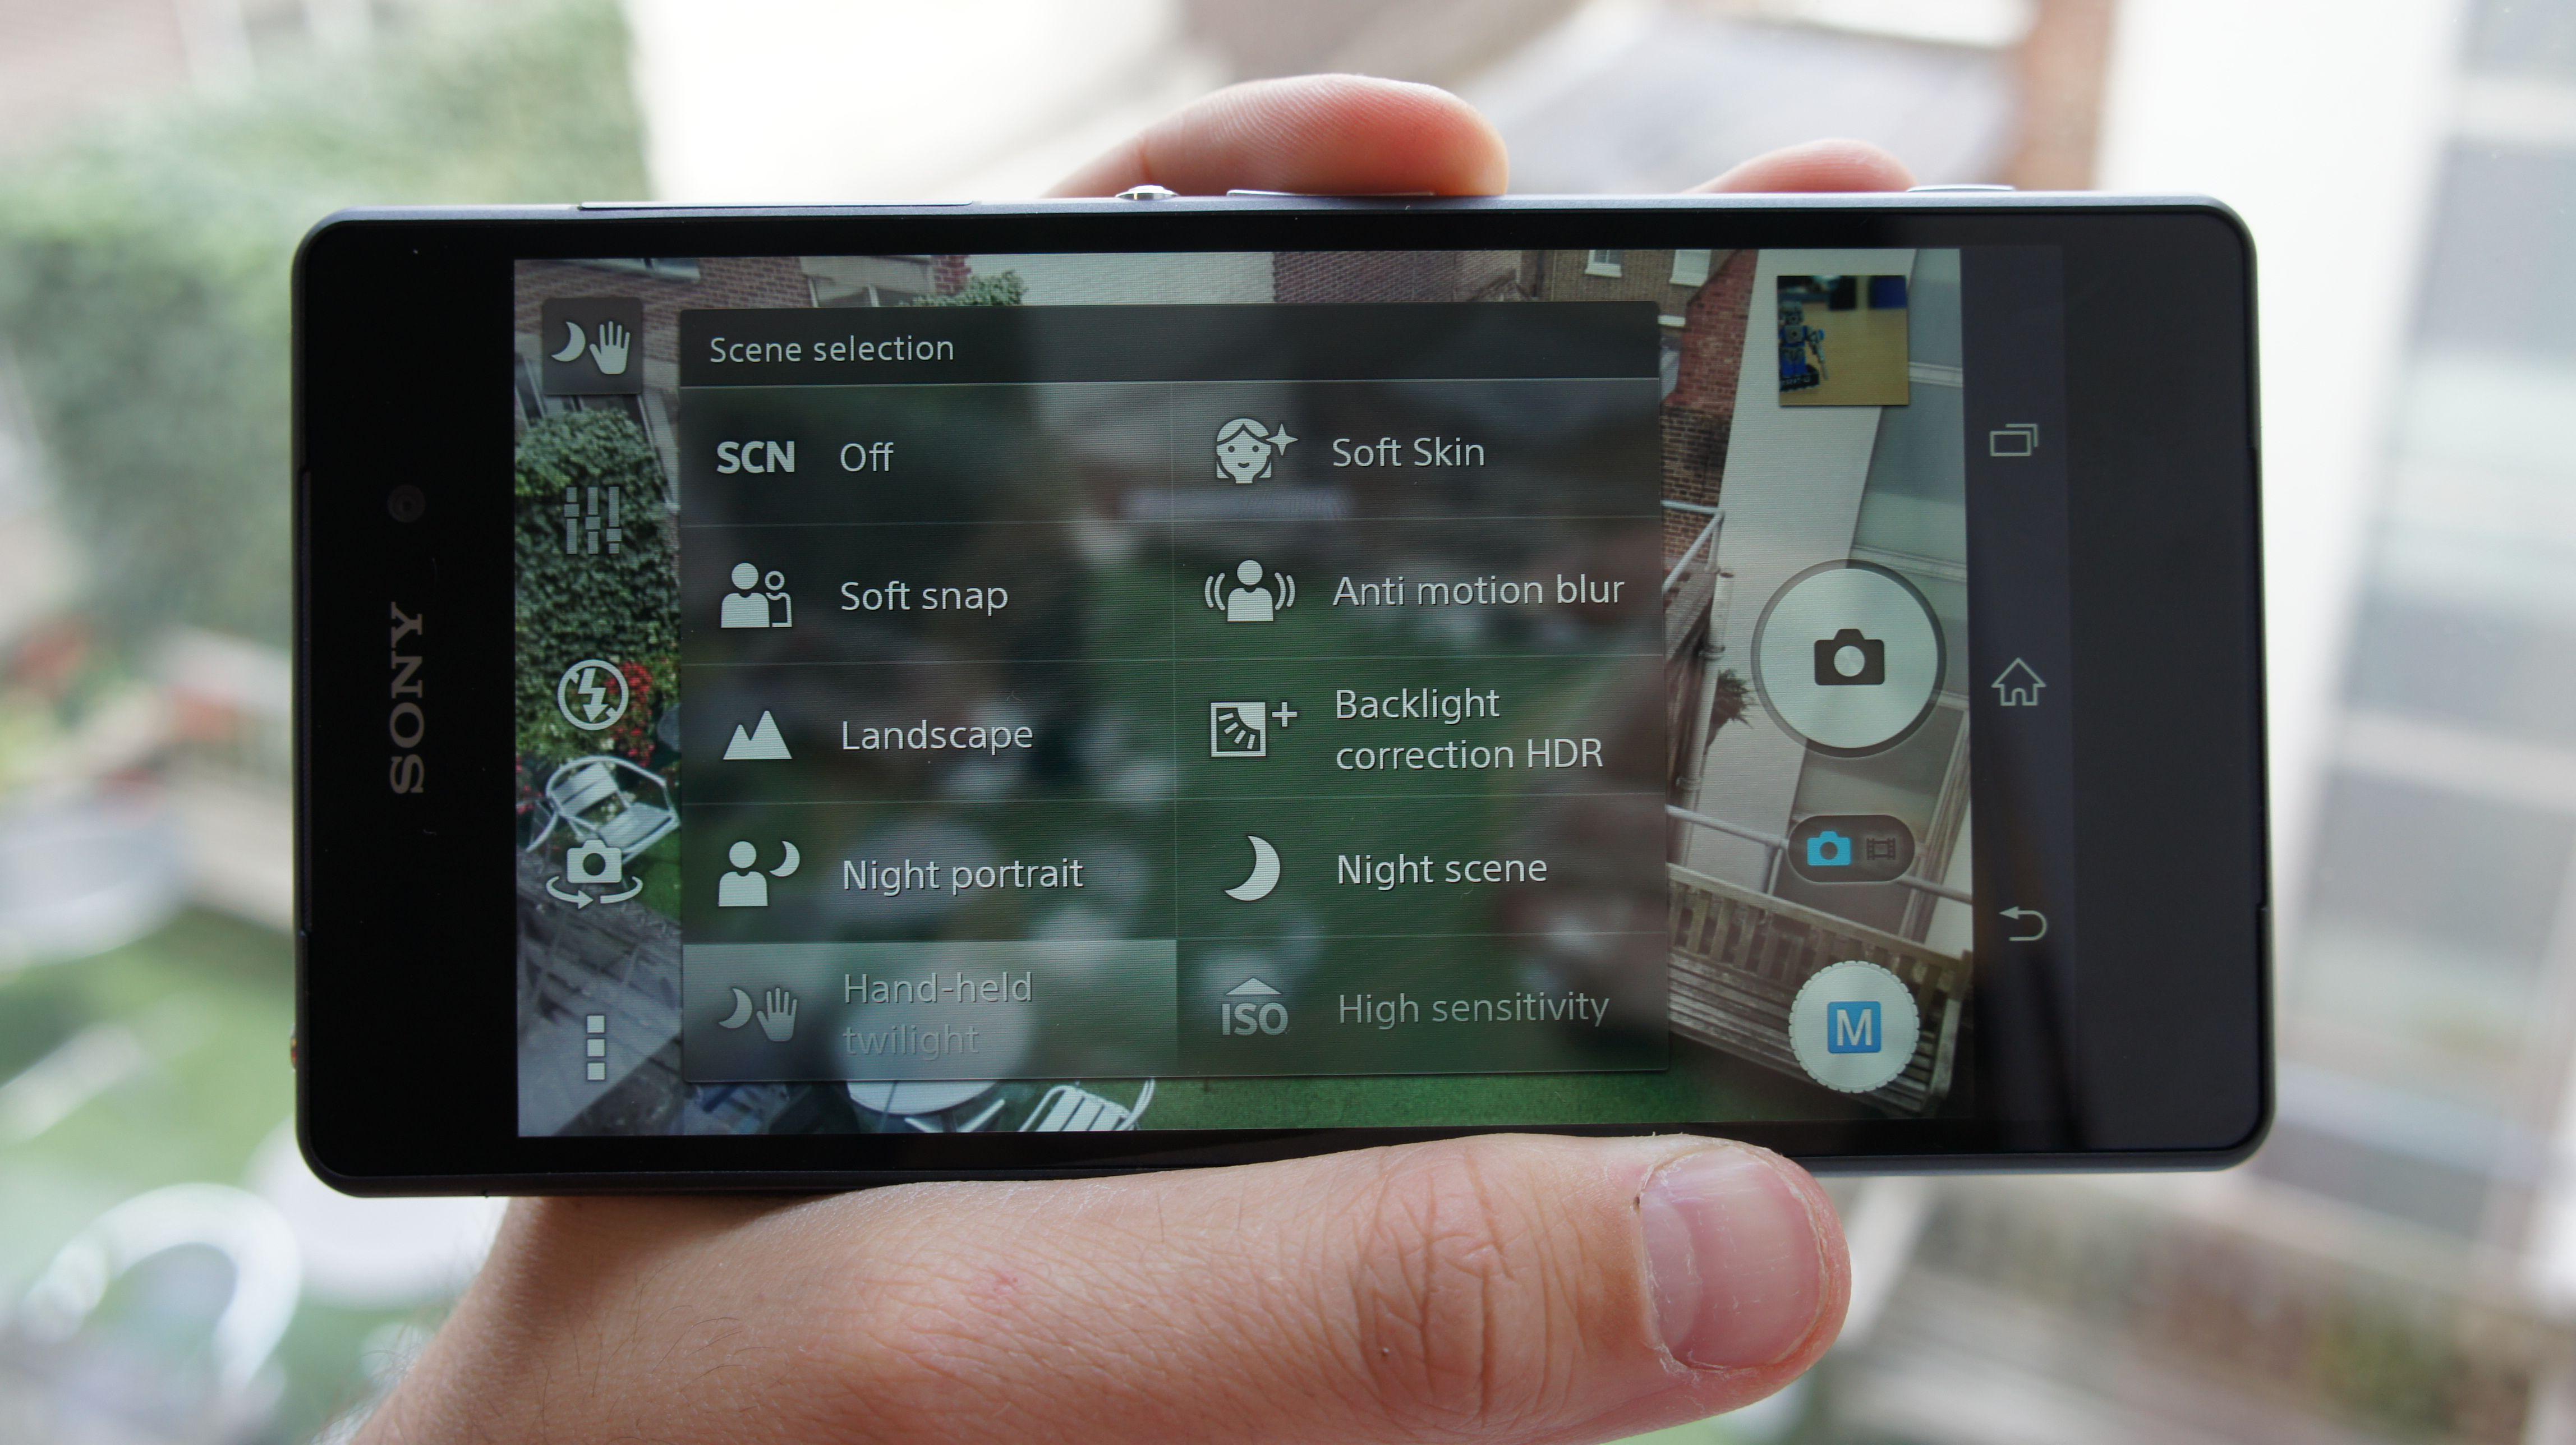 نحوه ی کارکرد دوربین گوشی همراه هوشمند خود را بلد باشید